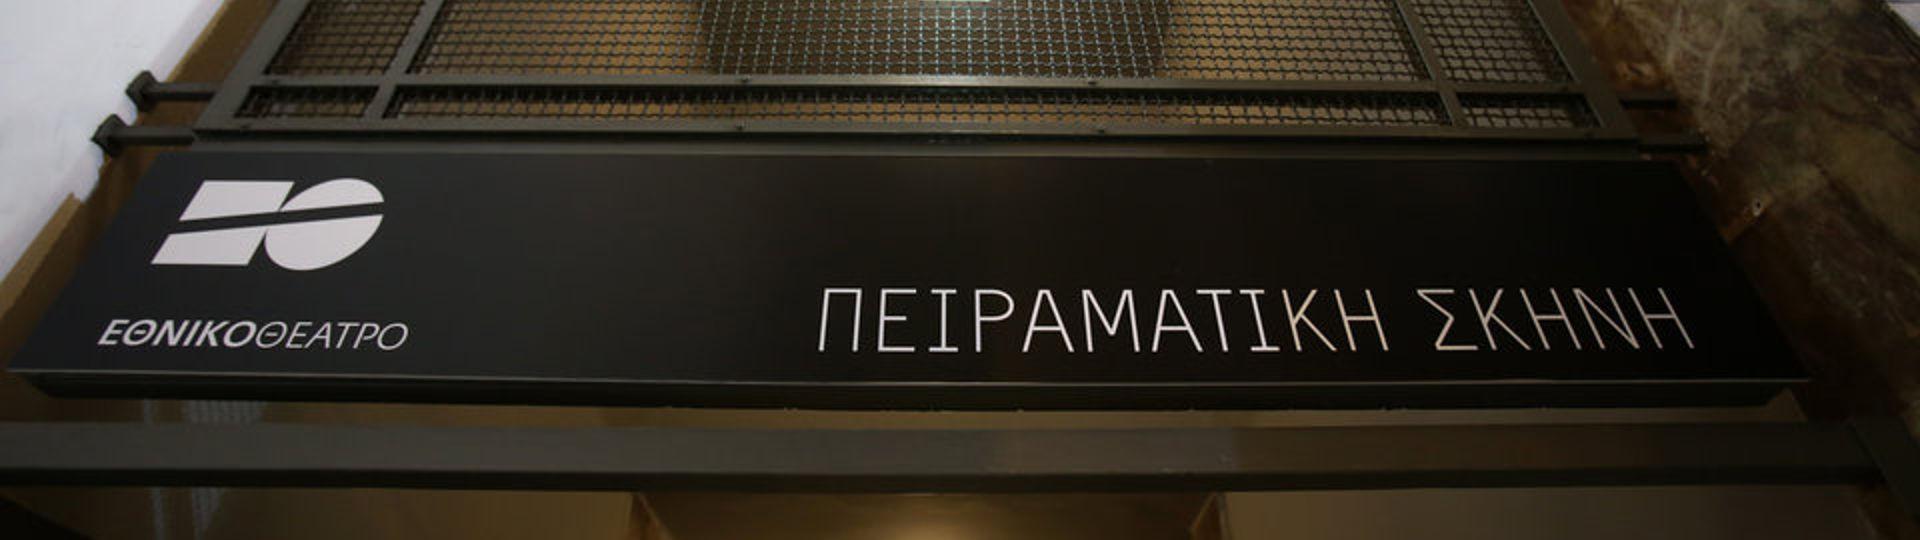 Πειραματική σκηνή -1 Εθνικού Θεάτρου